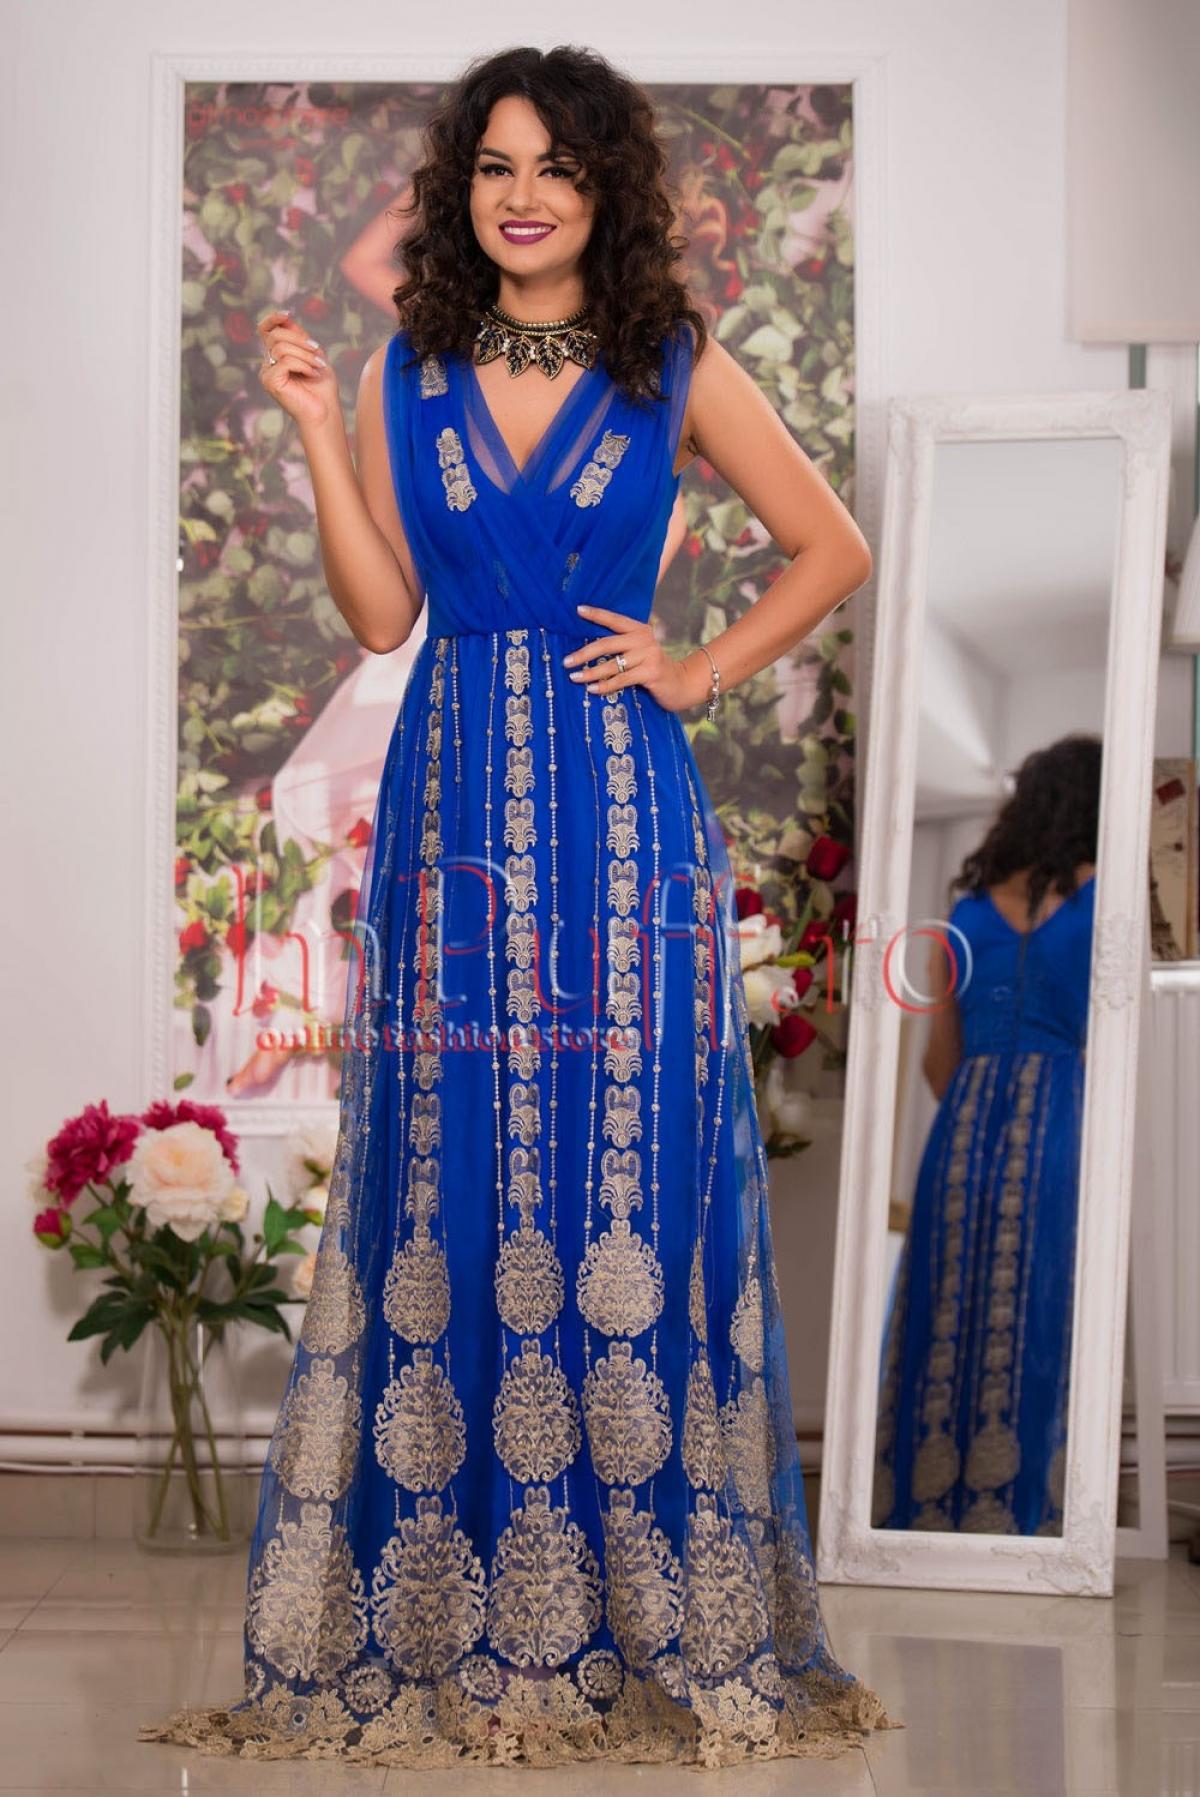 Rochie lunga albastra cu broderie aurie